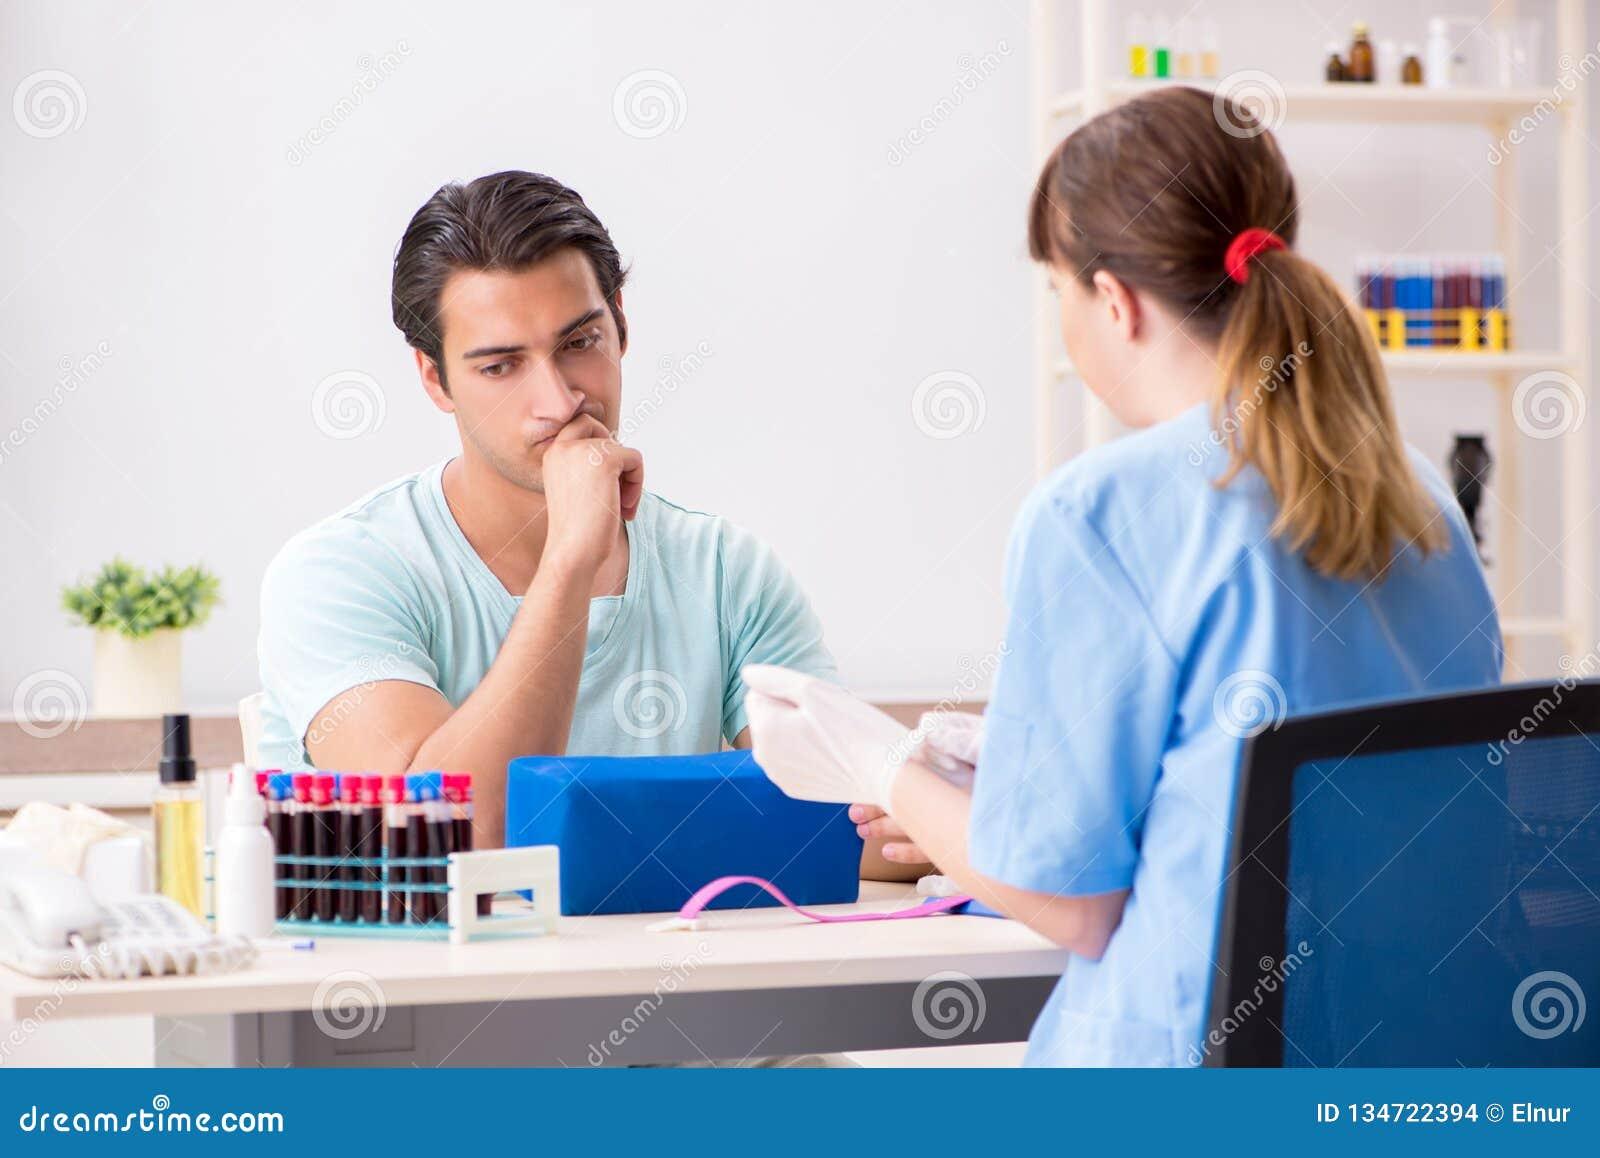 Den unga patienten under tillvägagångssätt för provtagning för blodprov